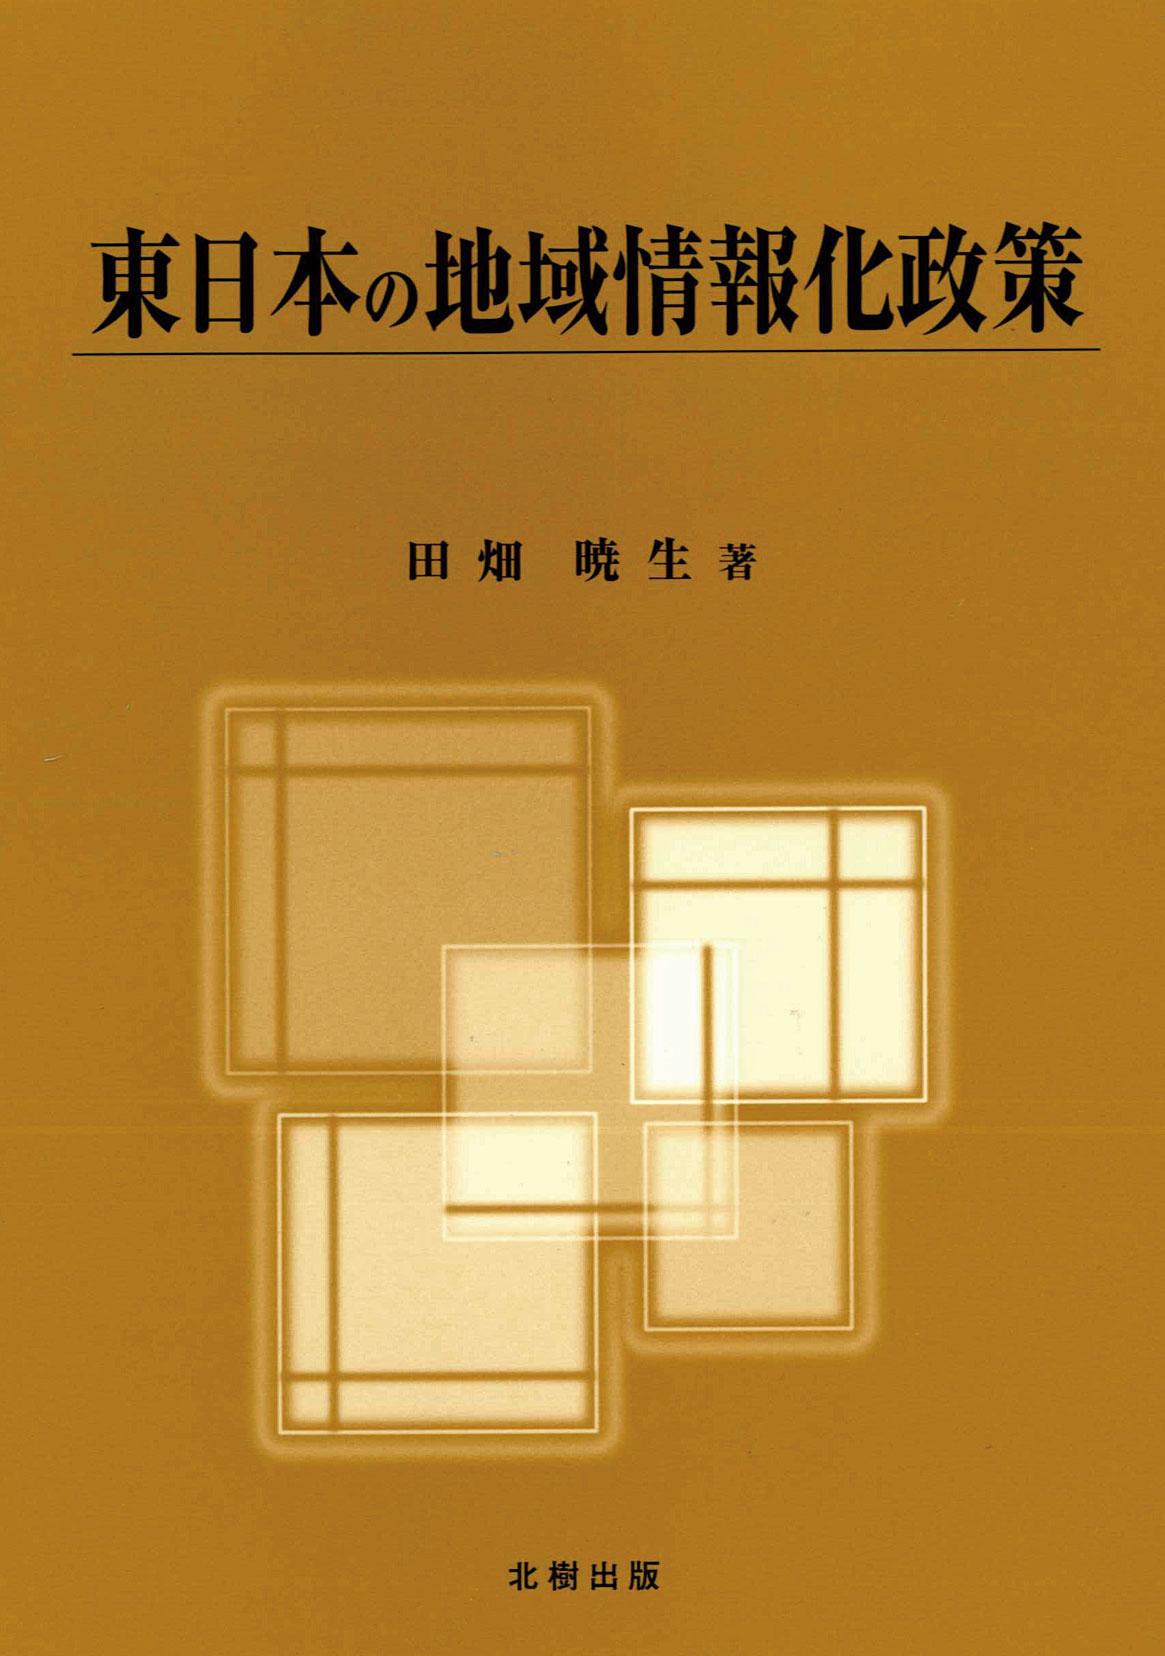 東日本の地域情報化政策